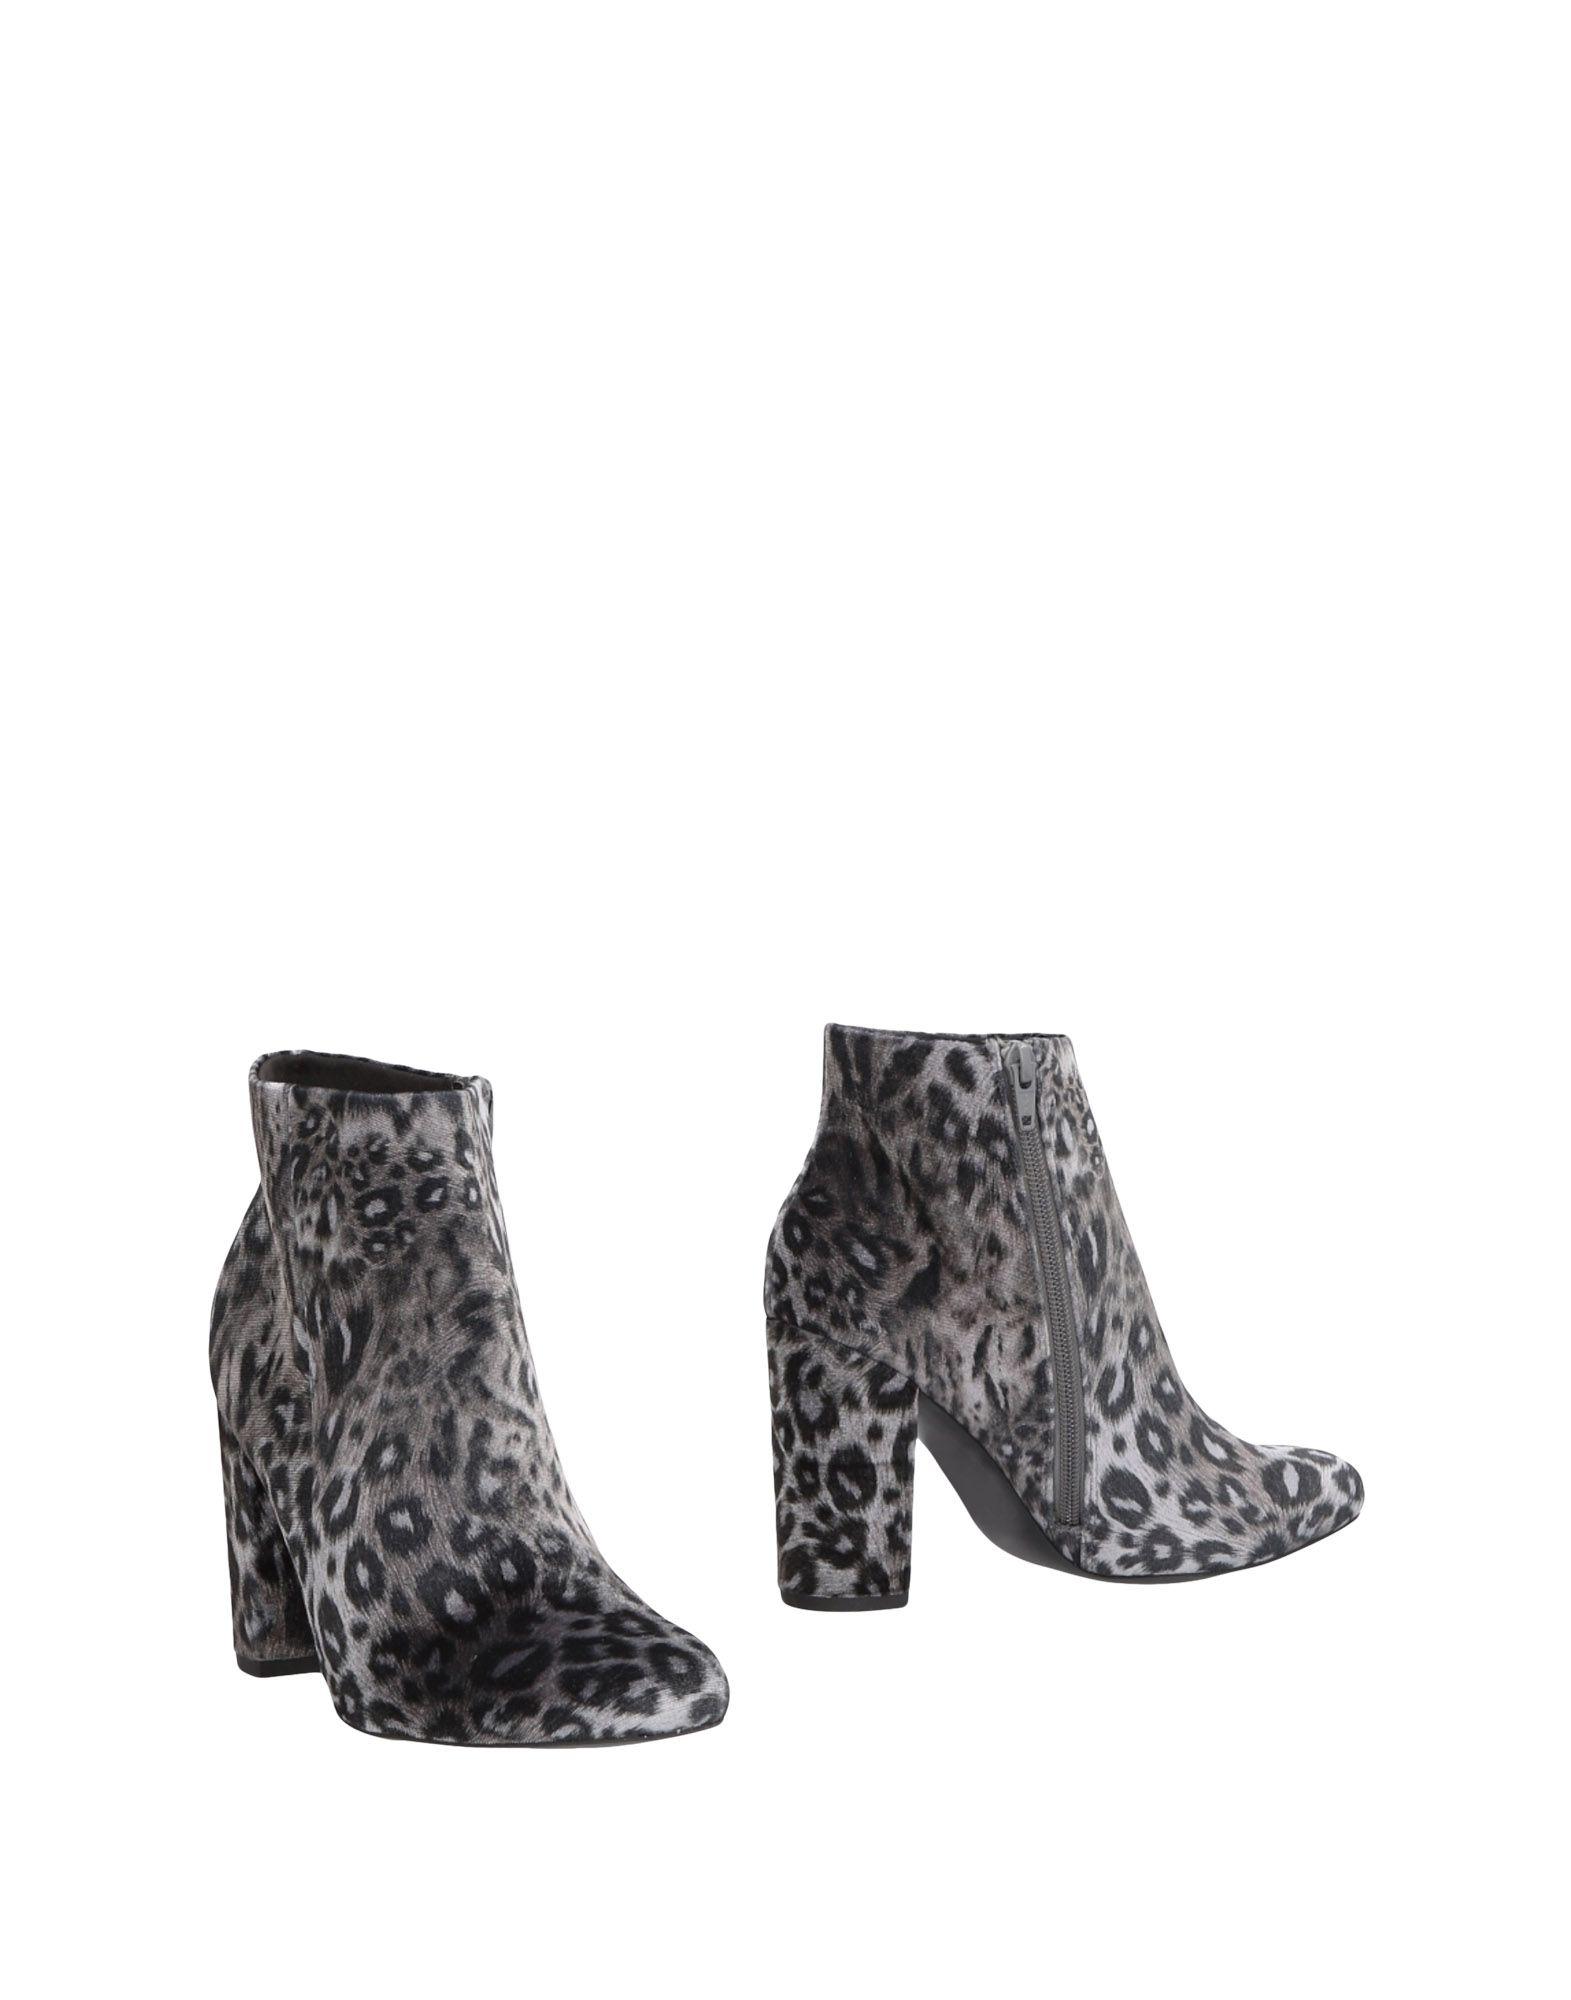 Steve Madden Stiefelette Schuhe Damen  11467462BR Gute Qualität beliebte Schuhe Stiefelette f62638